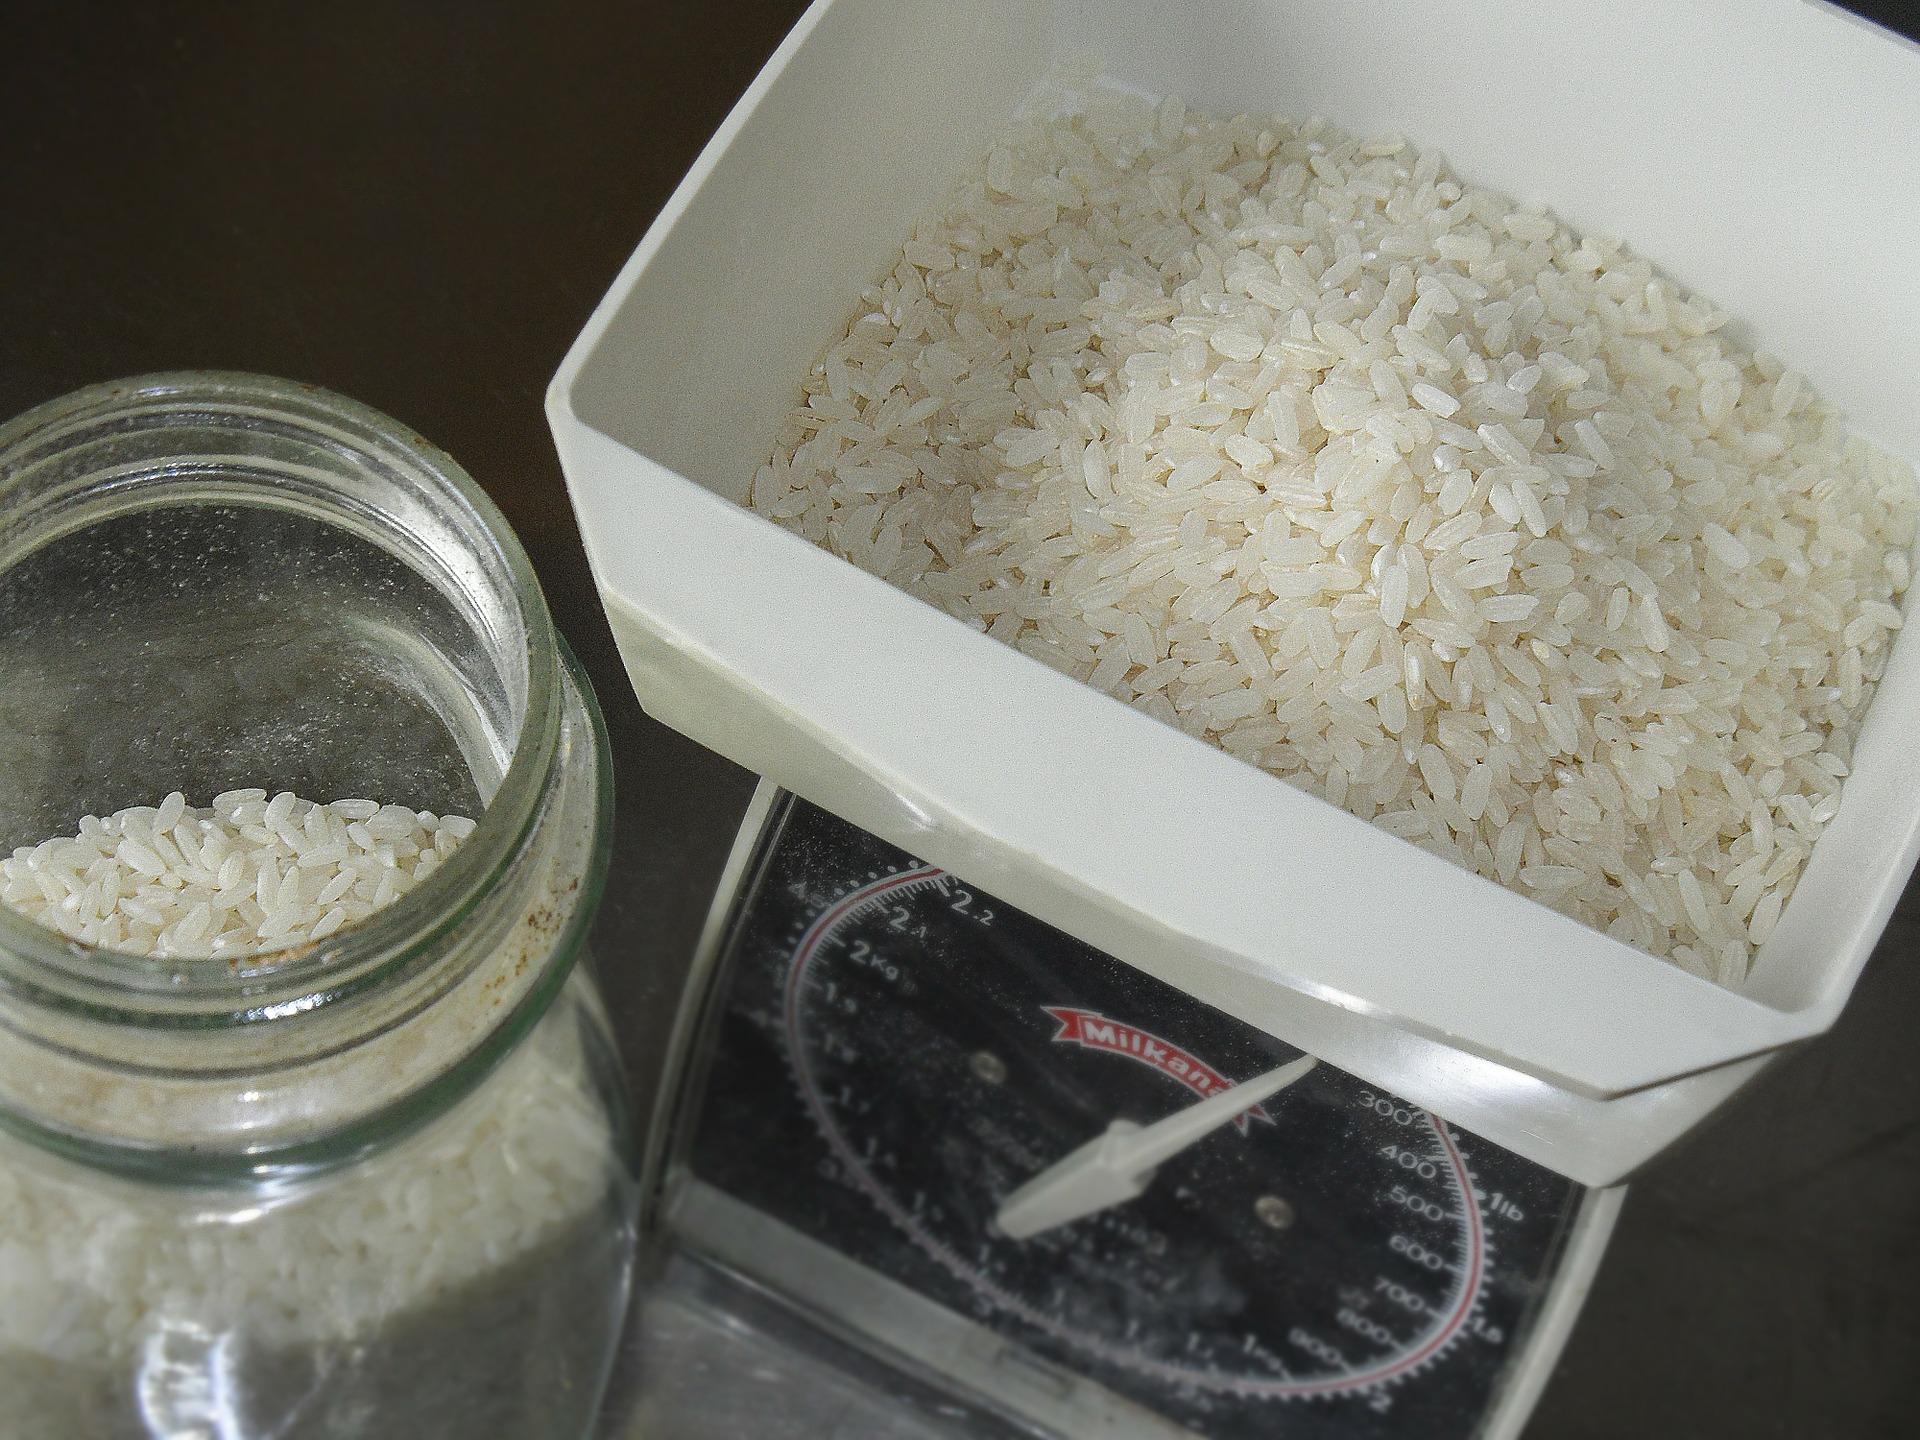 Cukorbetegség diétája: szuper adagolási tippek, ha nem szereted a mérleget